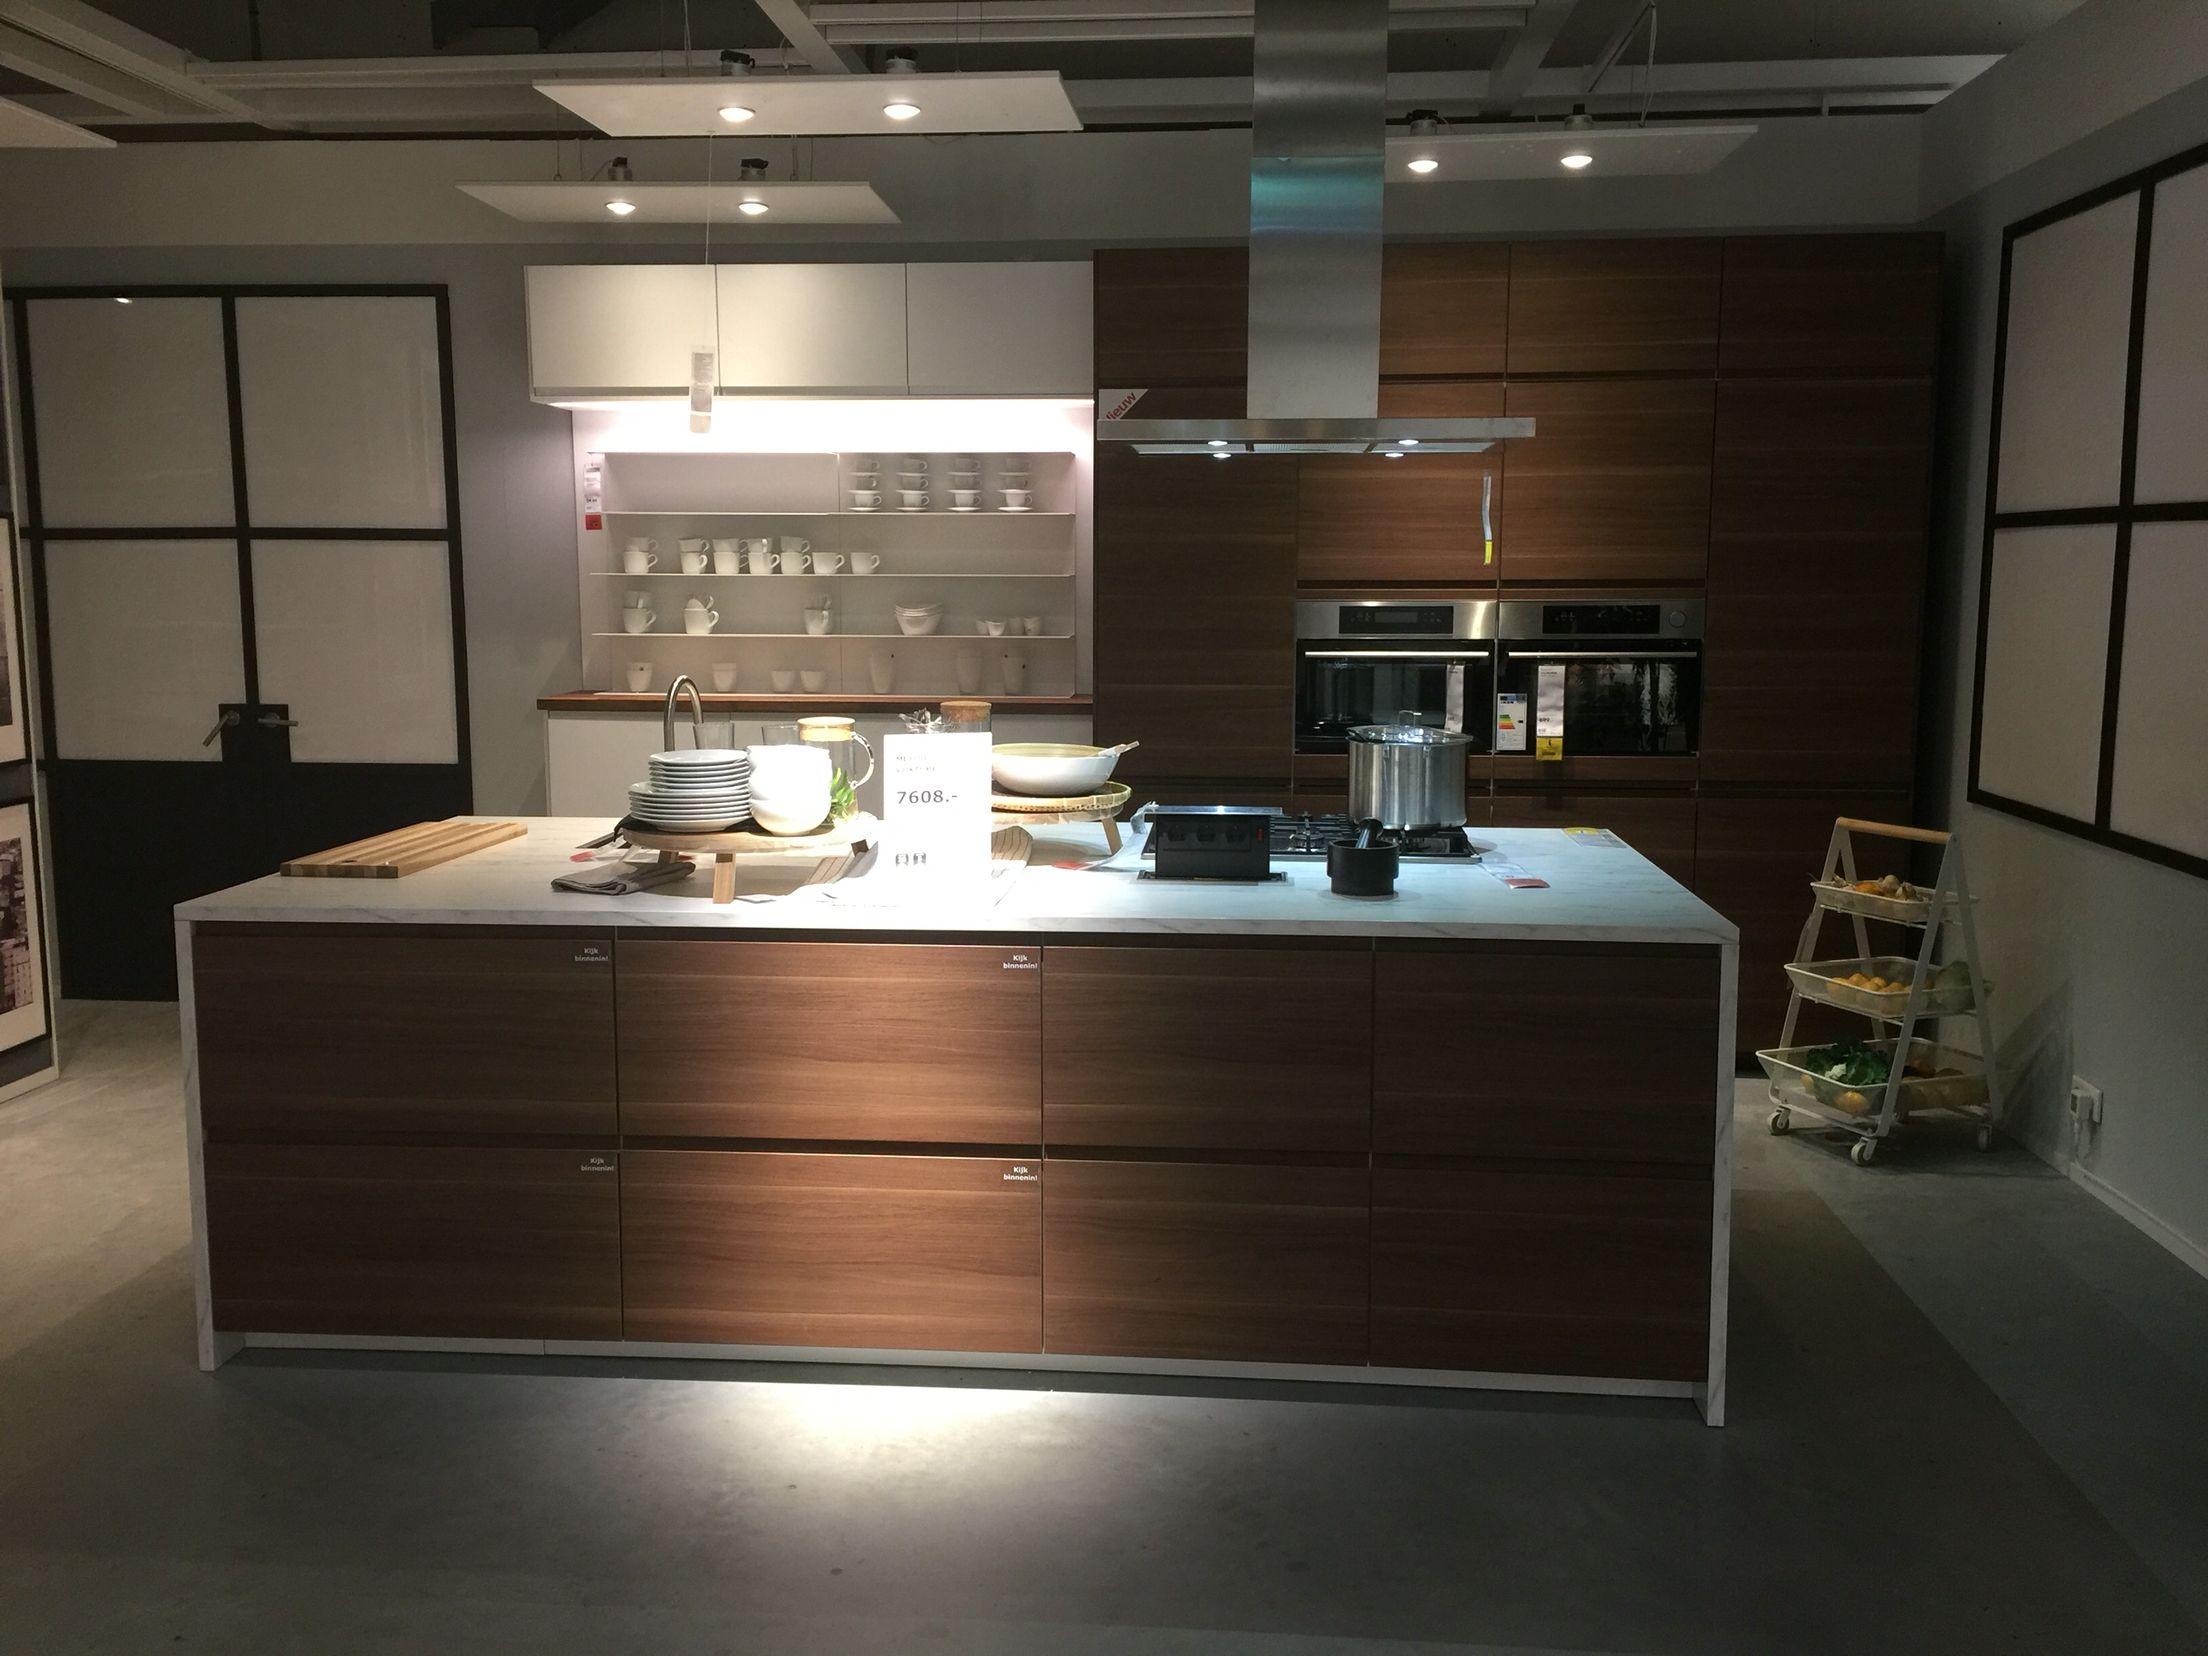 Ikea Keuken Kookeiland : Keuken ikea kookeiland home decor kitchen dining